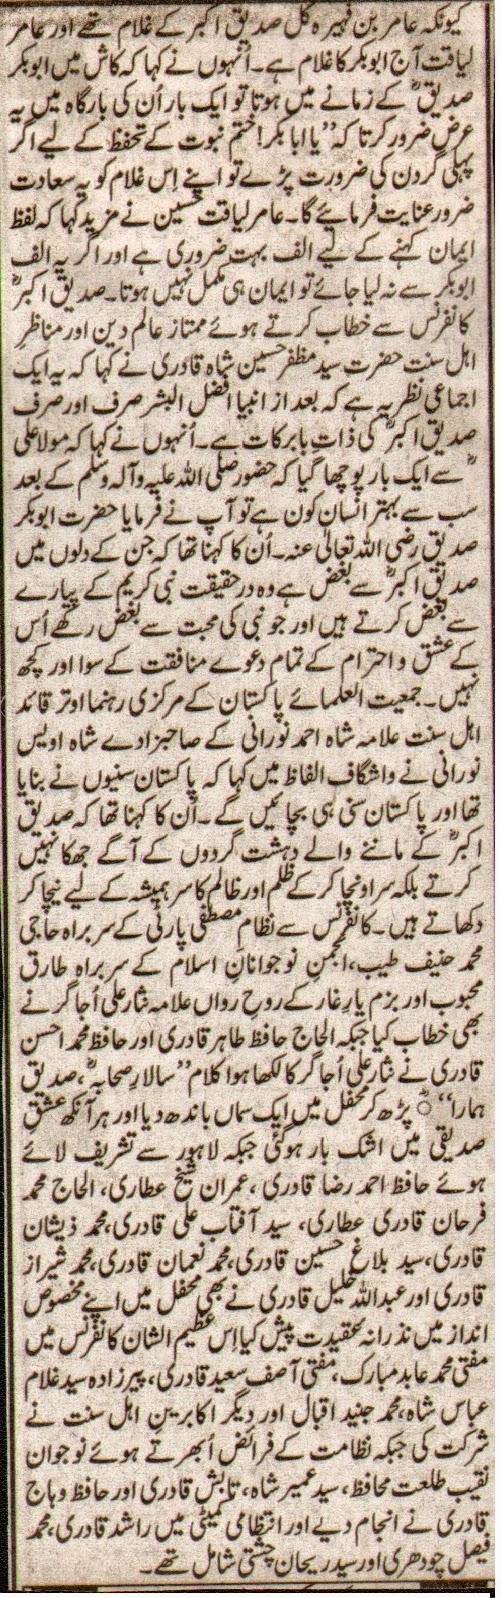 Hazrat  Abu Bakr Siddeeq [-Radiyal Laahu Anhu]-Article -Newspaper allama kaukab noorani okarvi